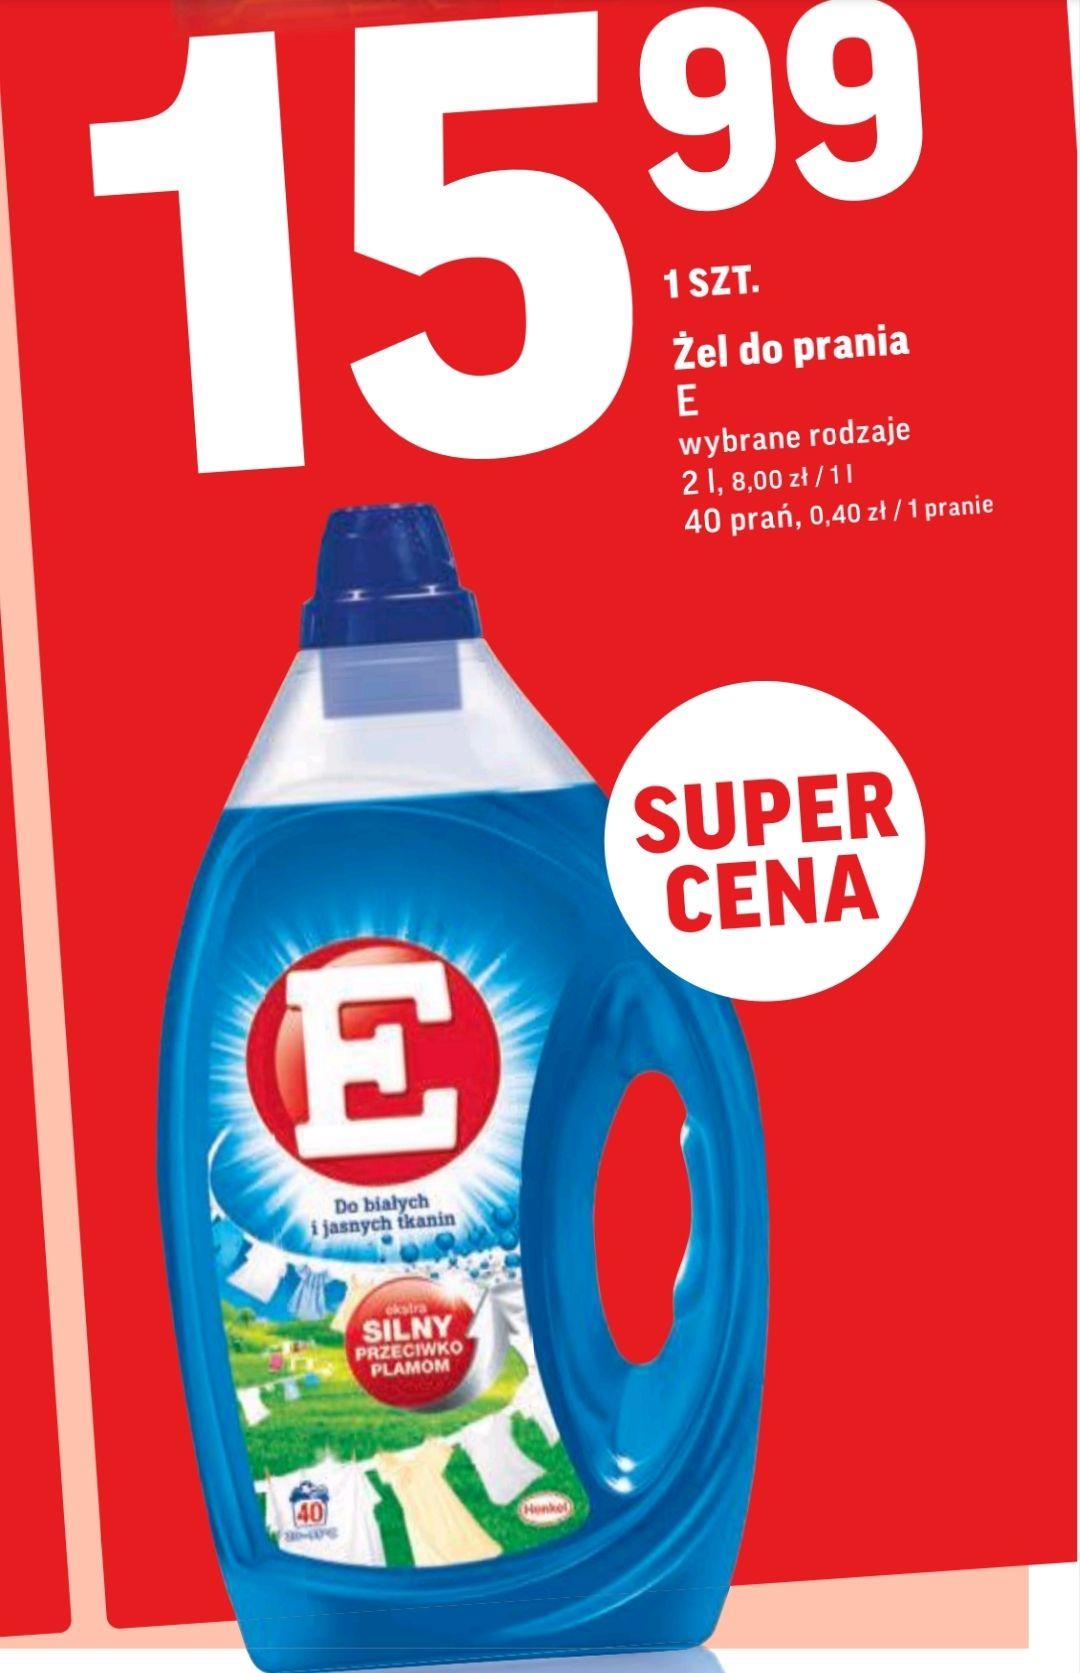 Żel do prania E 2l. - Intermarche